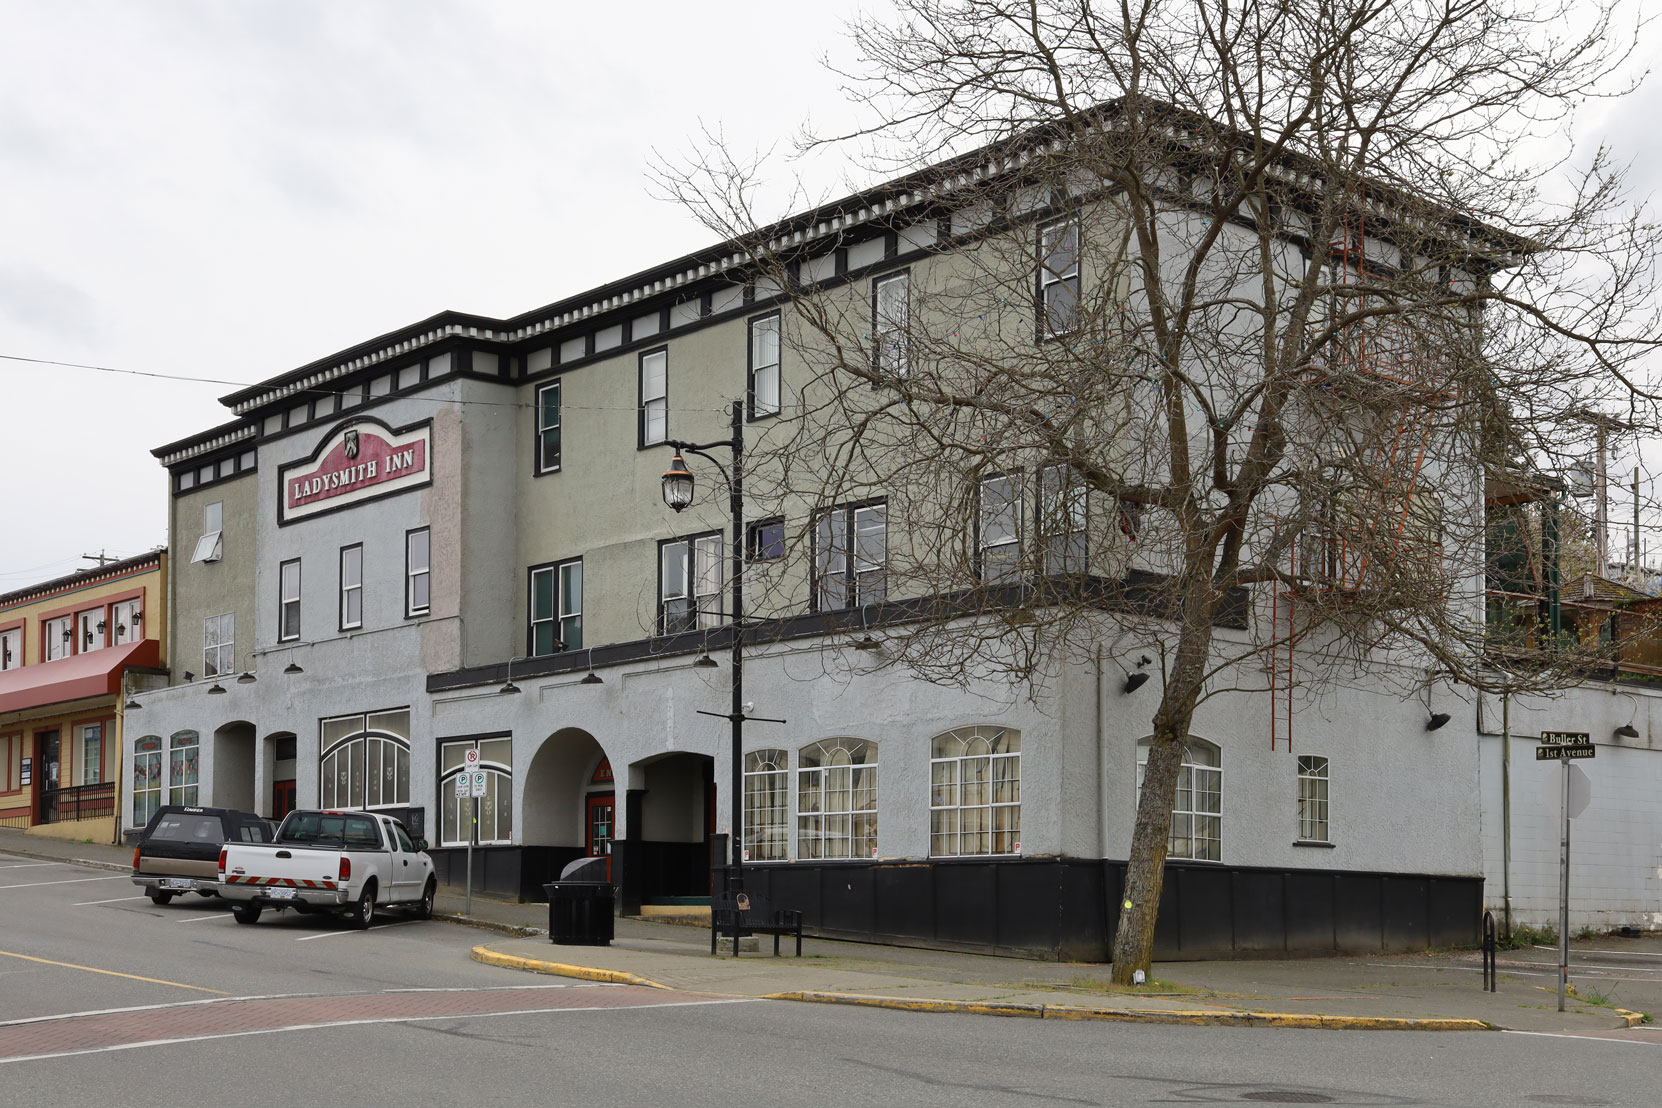 Ladysmith Inn, 640 1st Avenue in downtown Ladysmith, B.C.